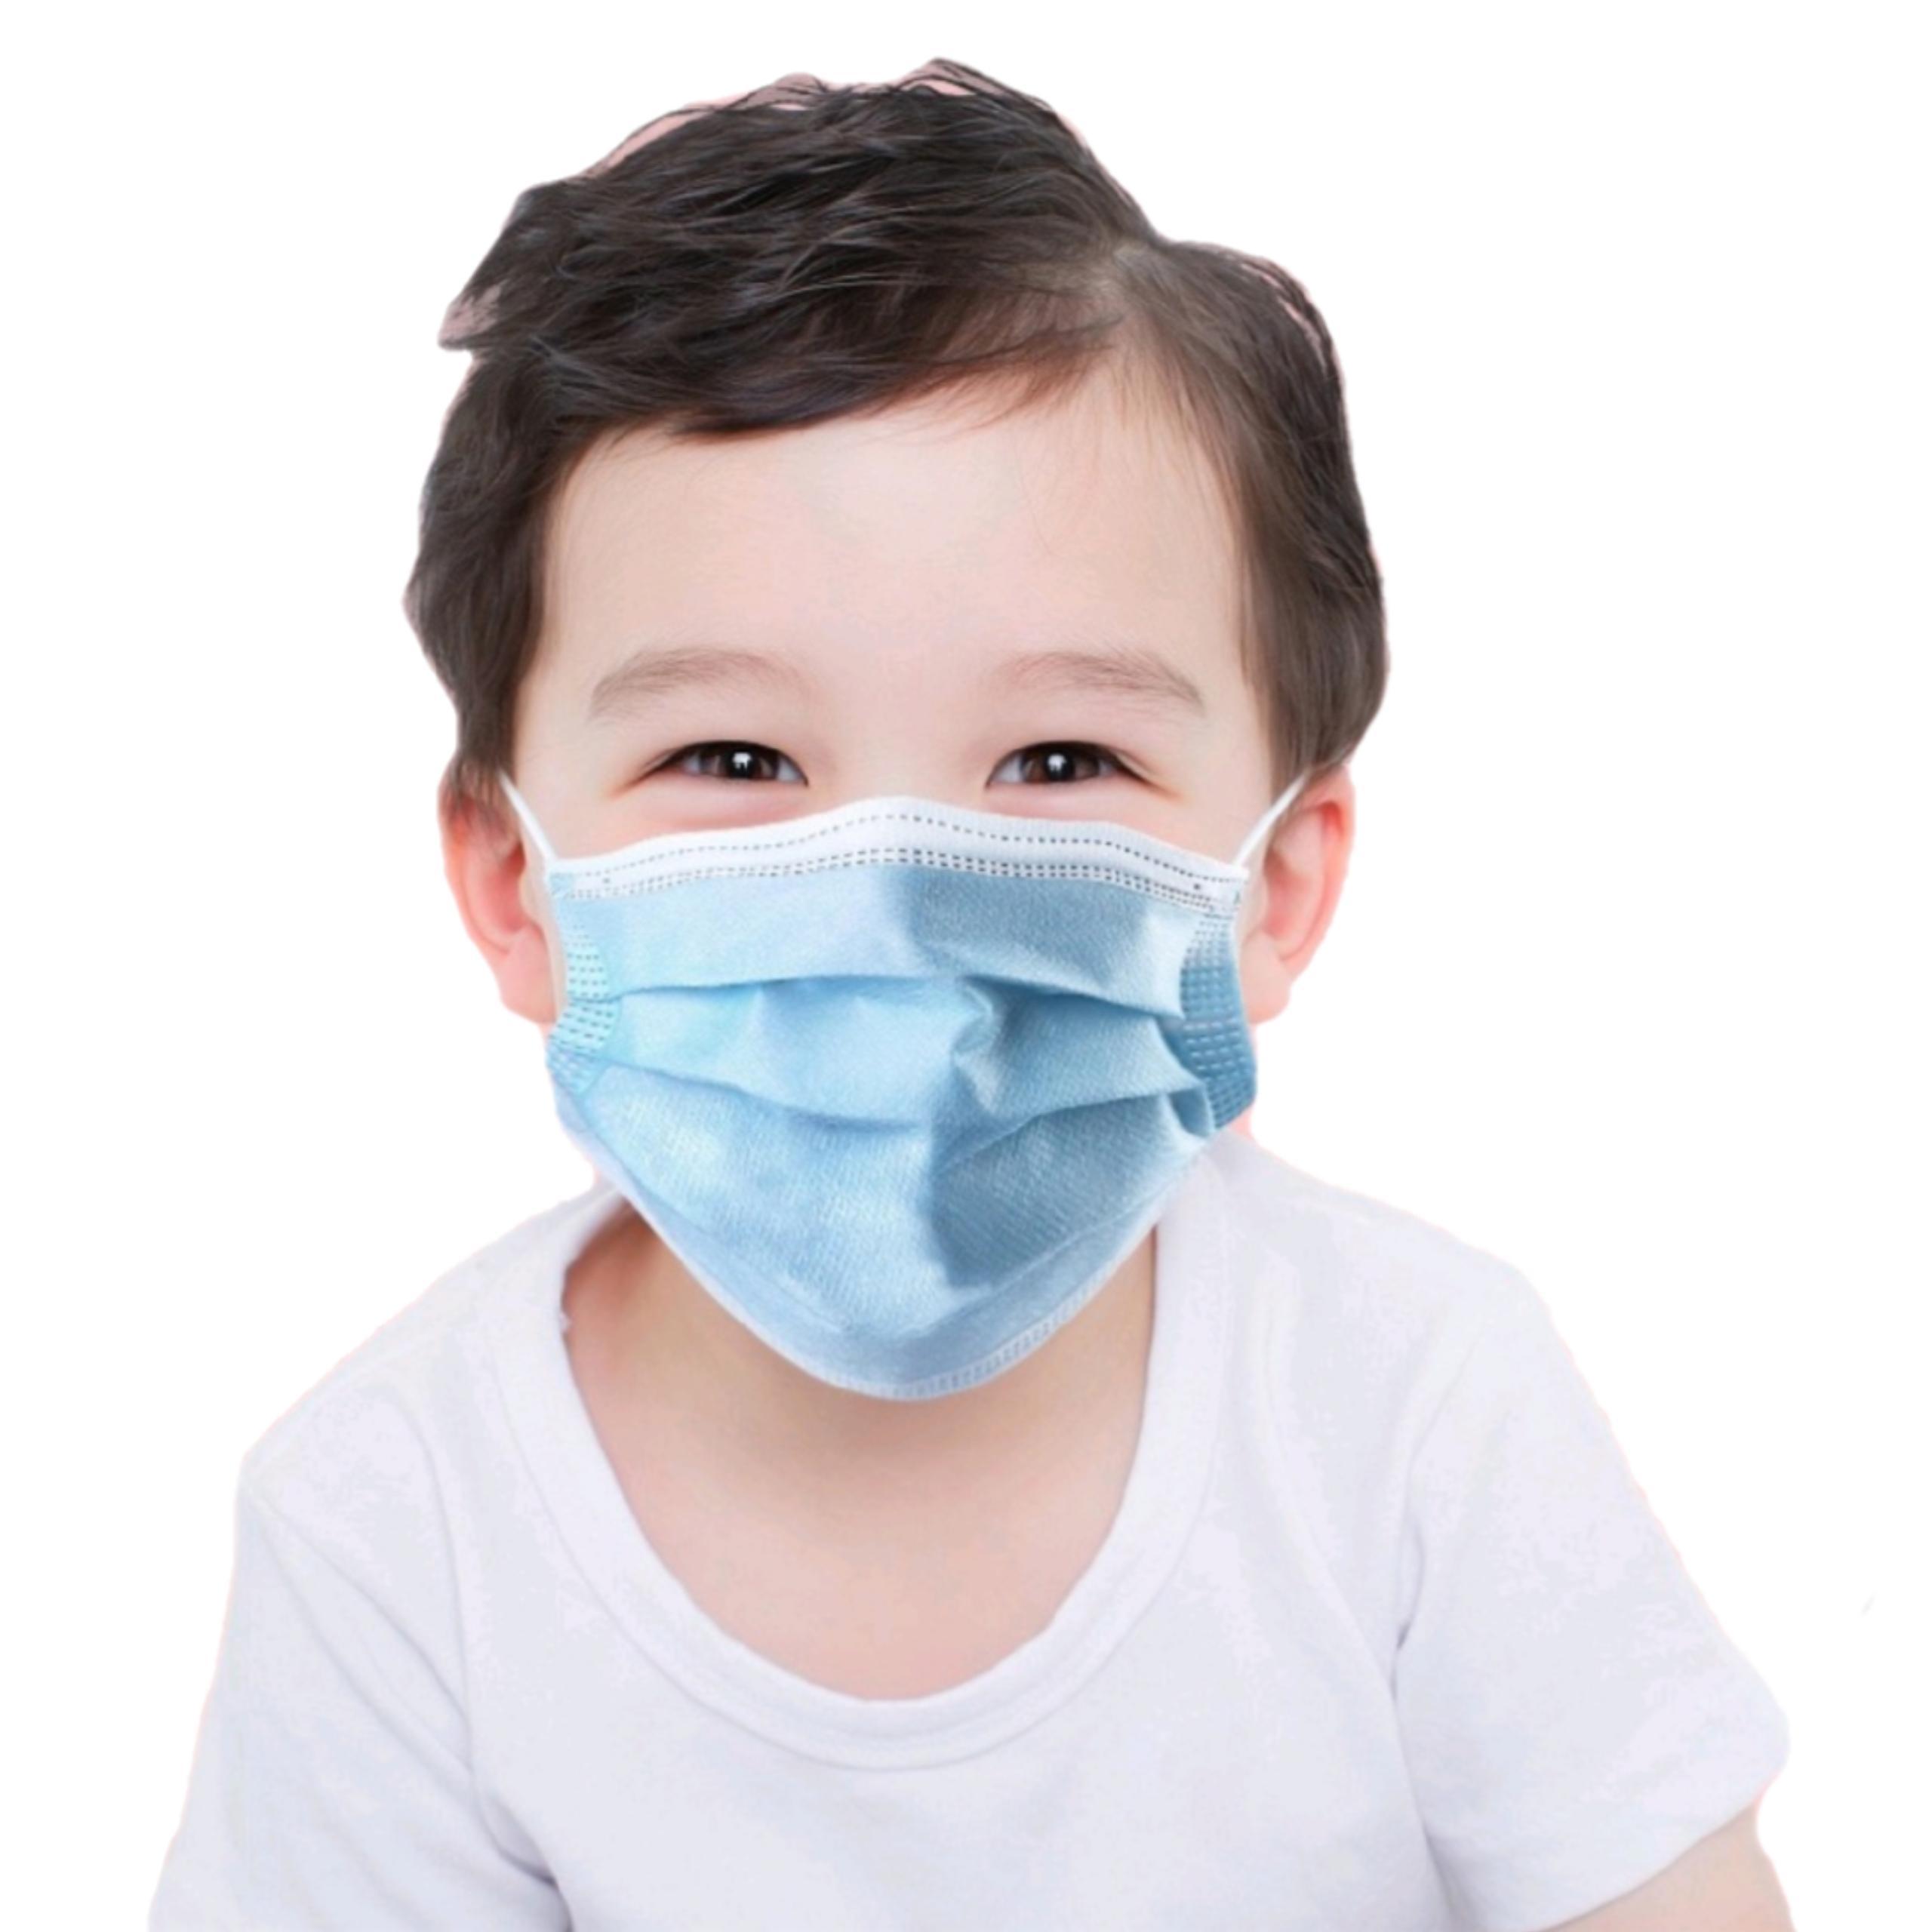 DHL Verschiffen 3 Schicht Einweg-Elastic Kinder Gesicht Mund-Maske Anti-Staub atmungsaktiv Blau weichen Hygiene Kind Kinder Gesicht Drop shipping Maske